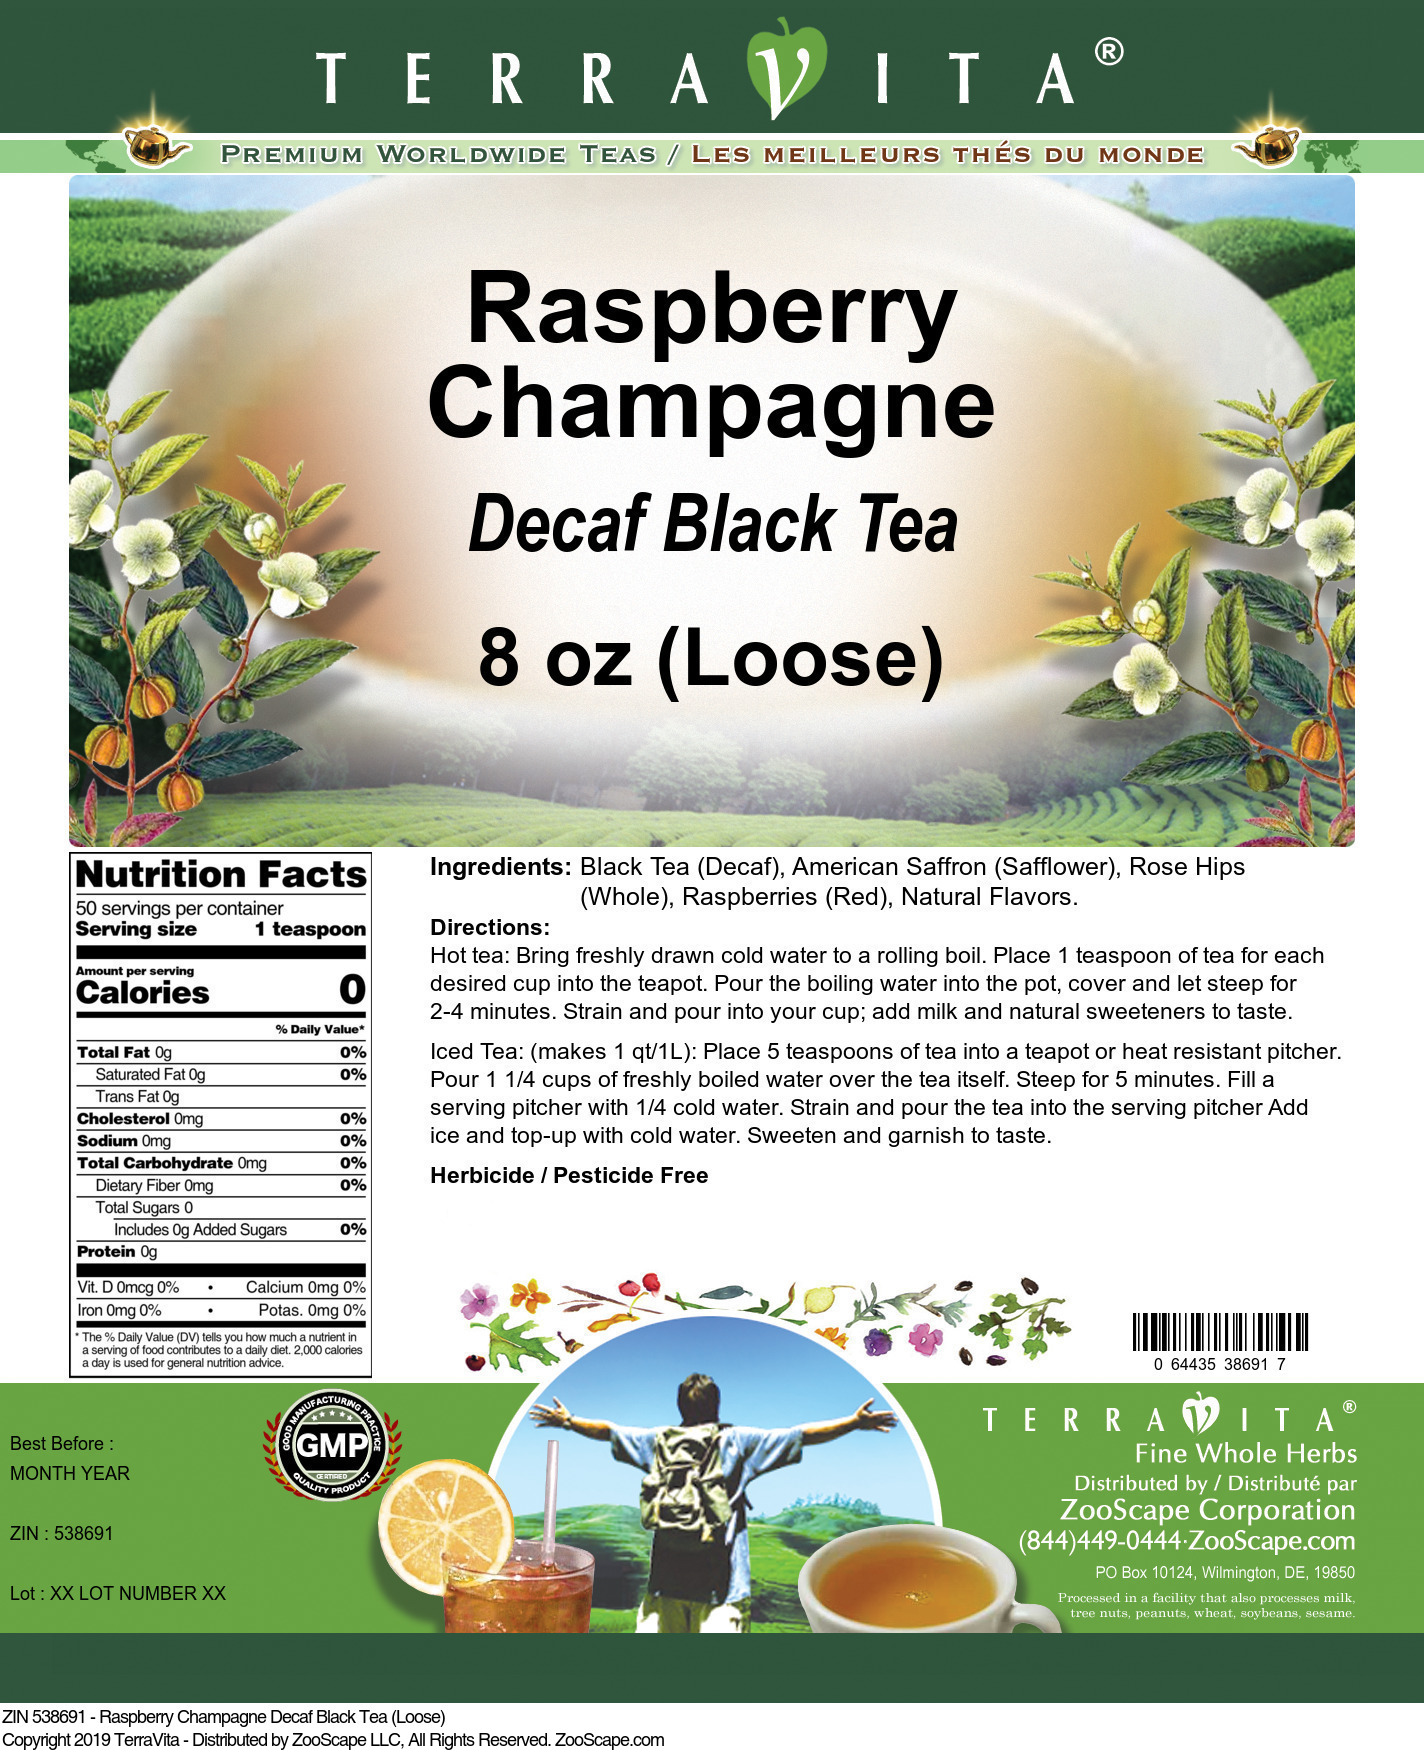 Raspberry Champagne Decaf Black Tea